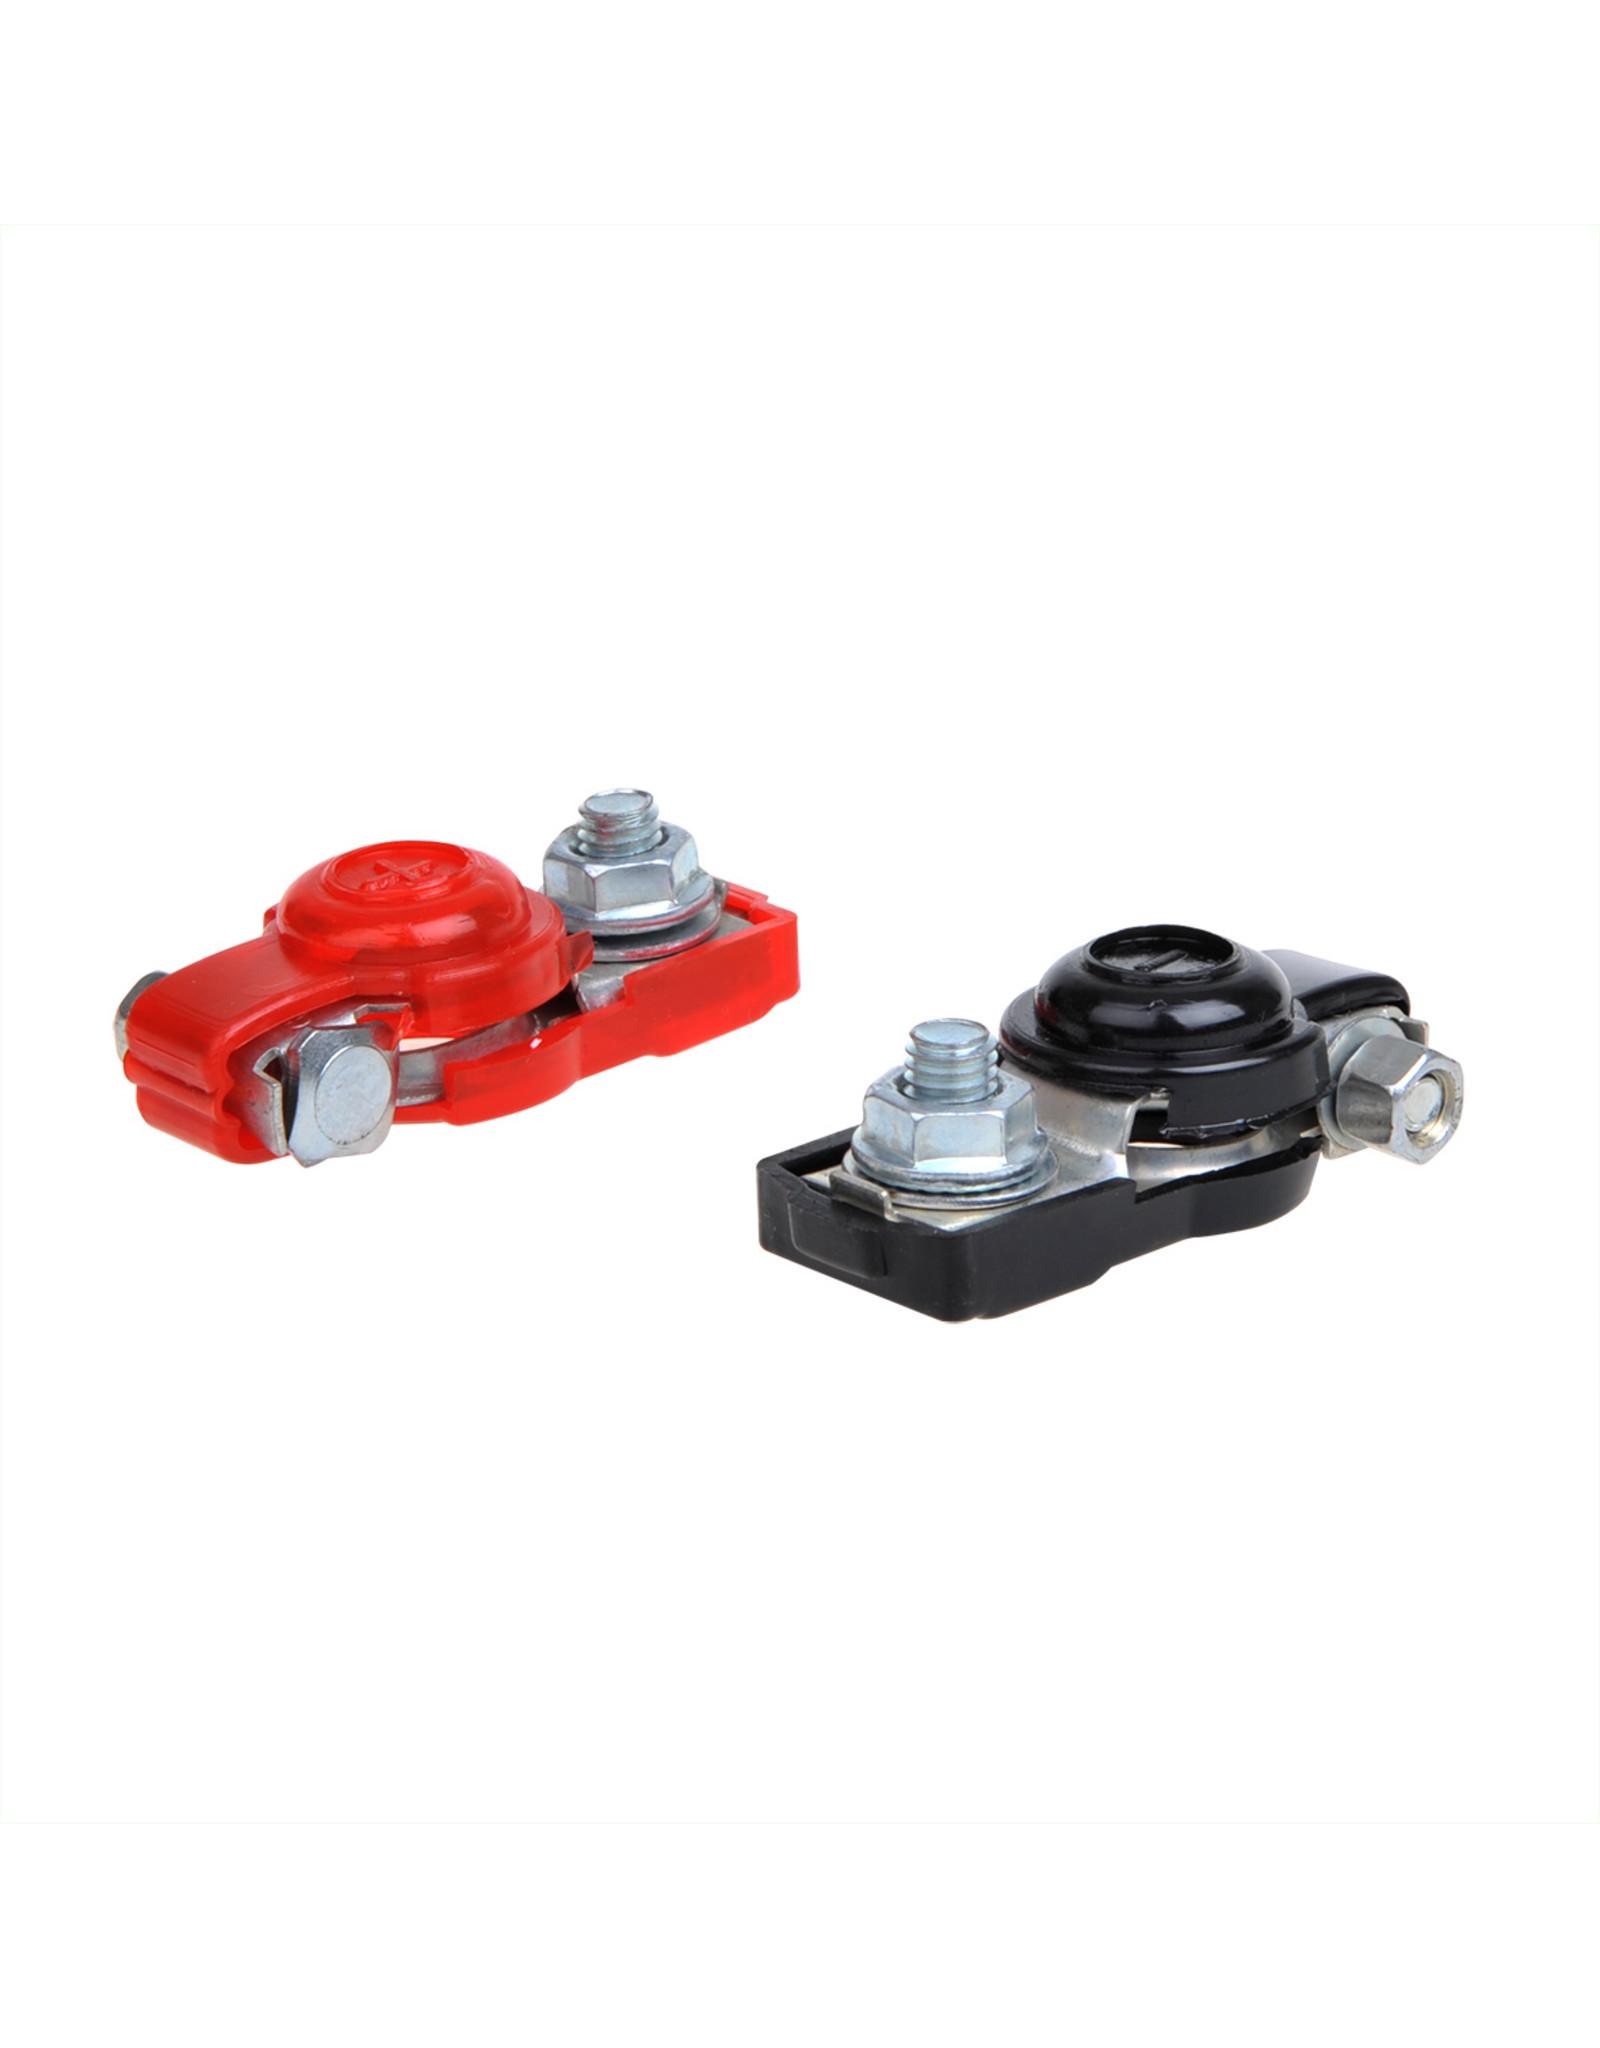 Accupoolklemmen set (+) en (-) met kunststof bescherming rood/zwart